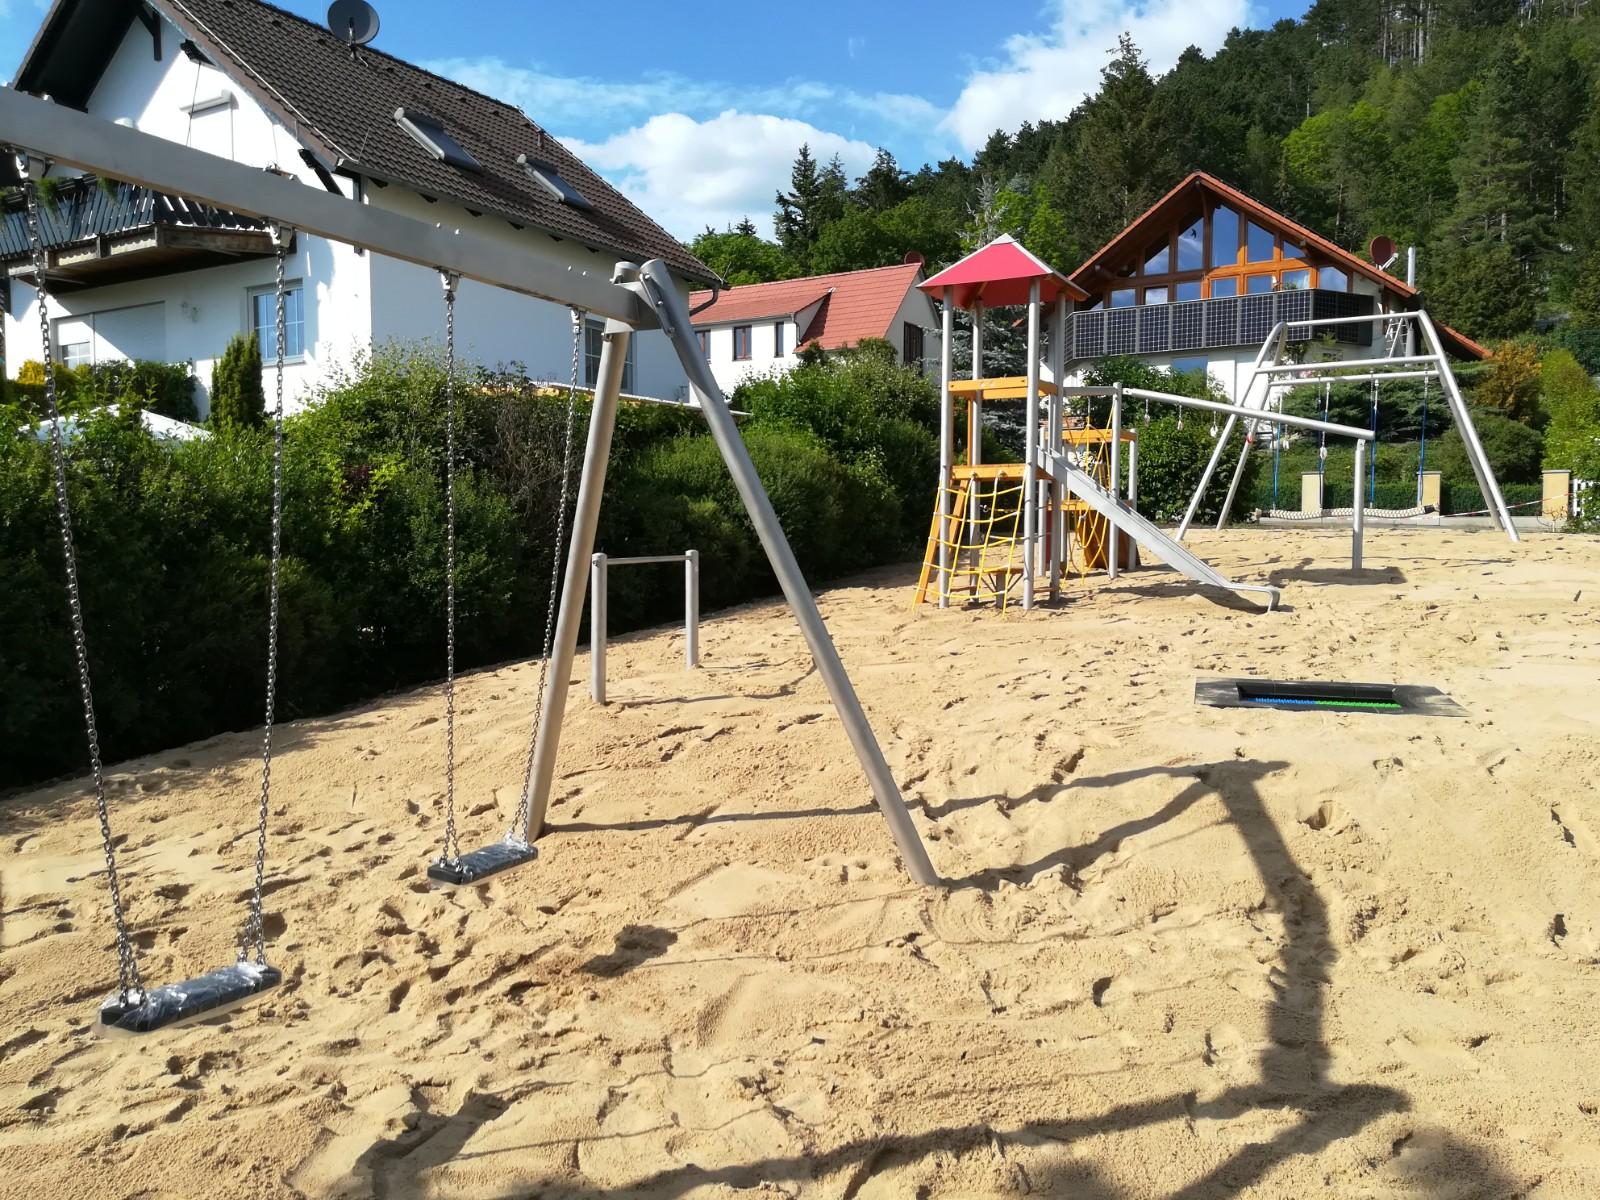 Neue Spielgeräte in Nauendorf (Gemeinde Nauendorf)